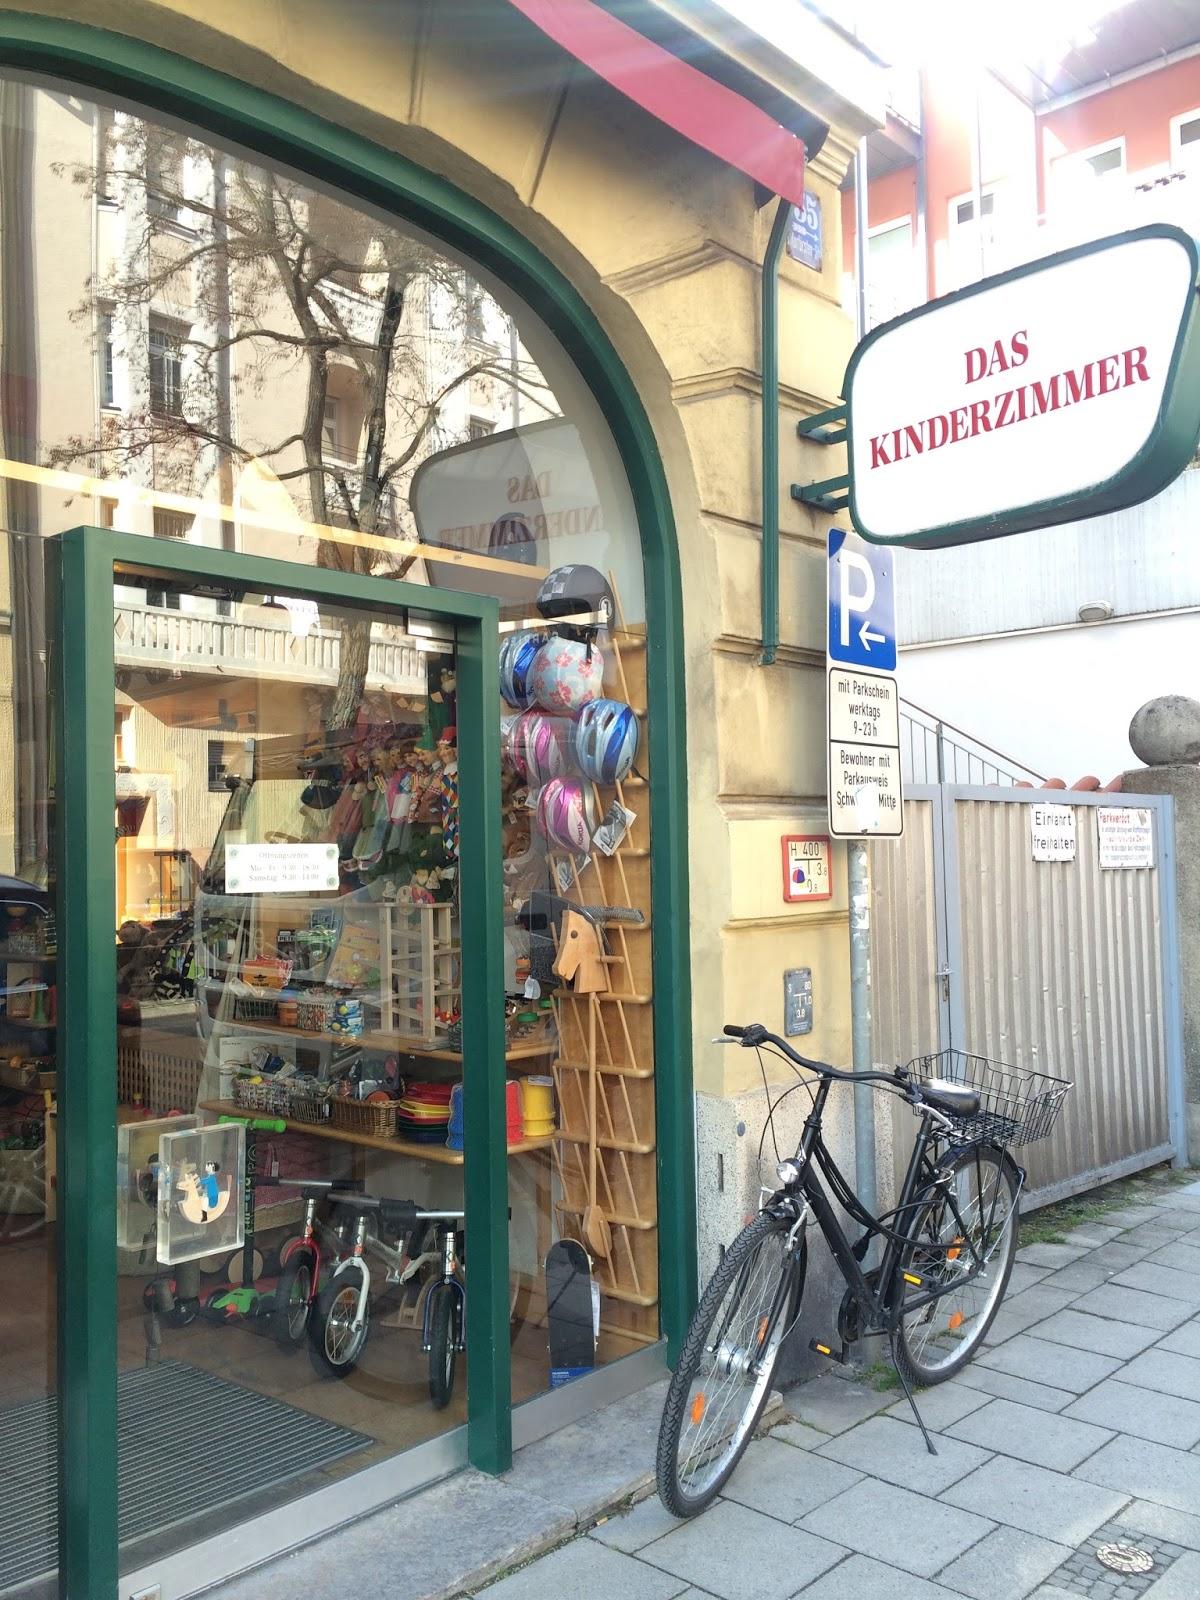 Verrückt nach München | {Kinderzimmer münchen 0}